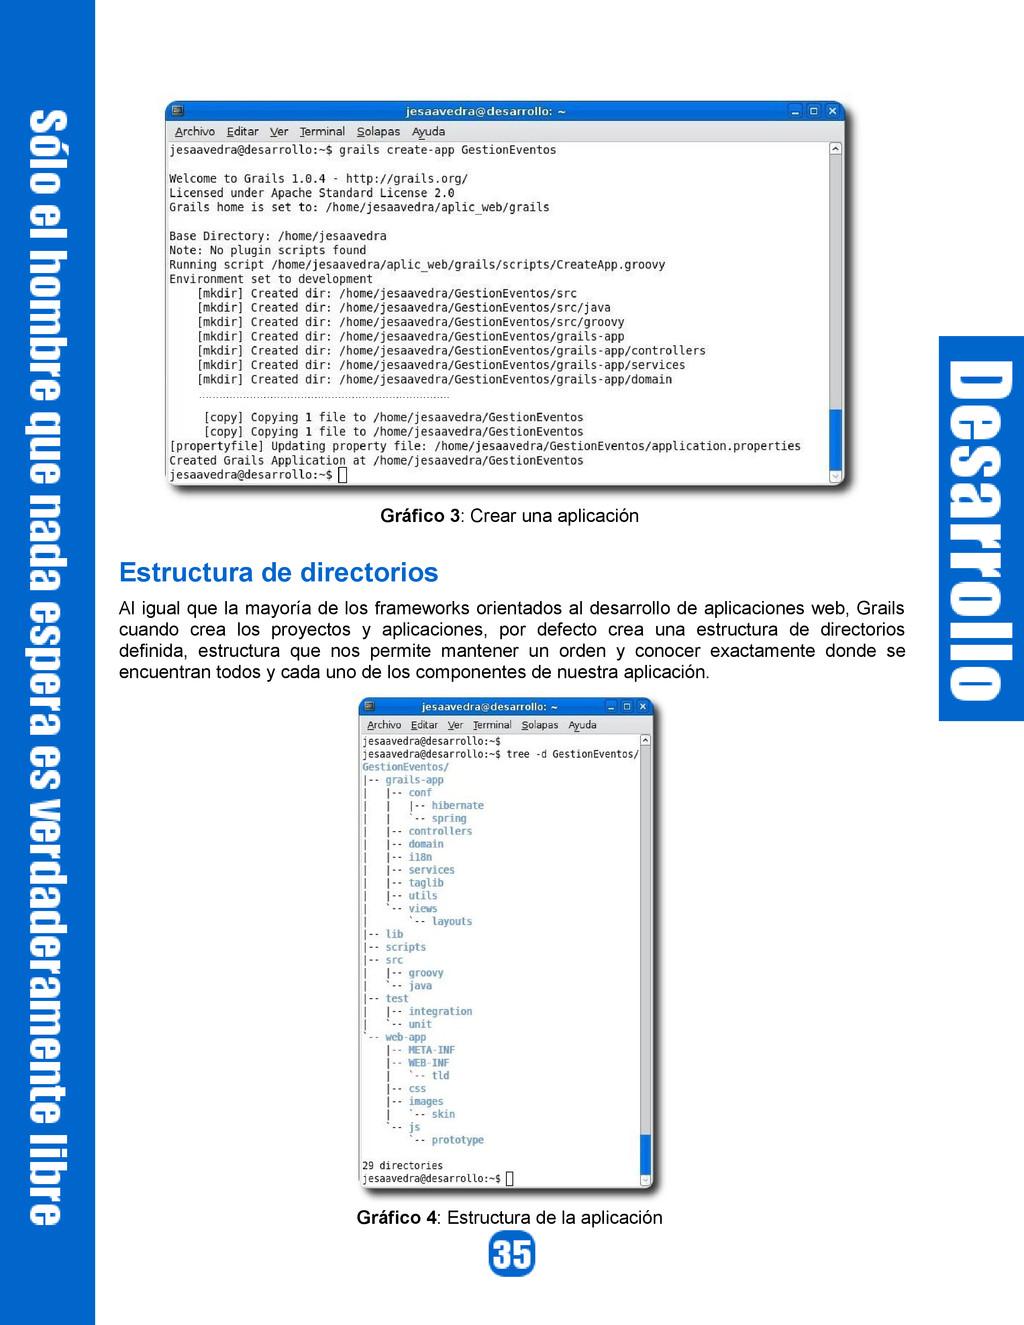 Gráfico 3: Crear una aplicación Estructura de d...